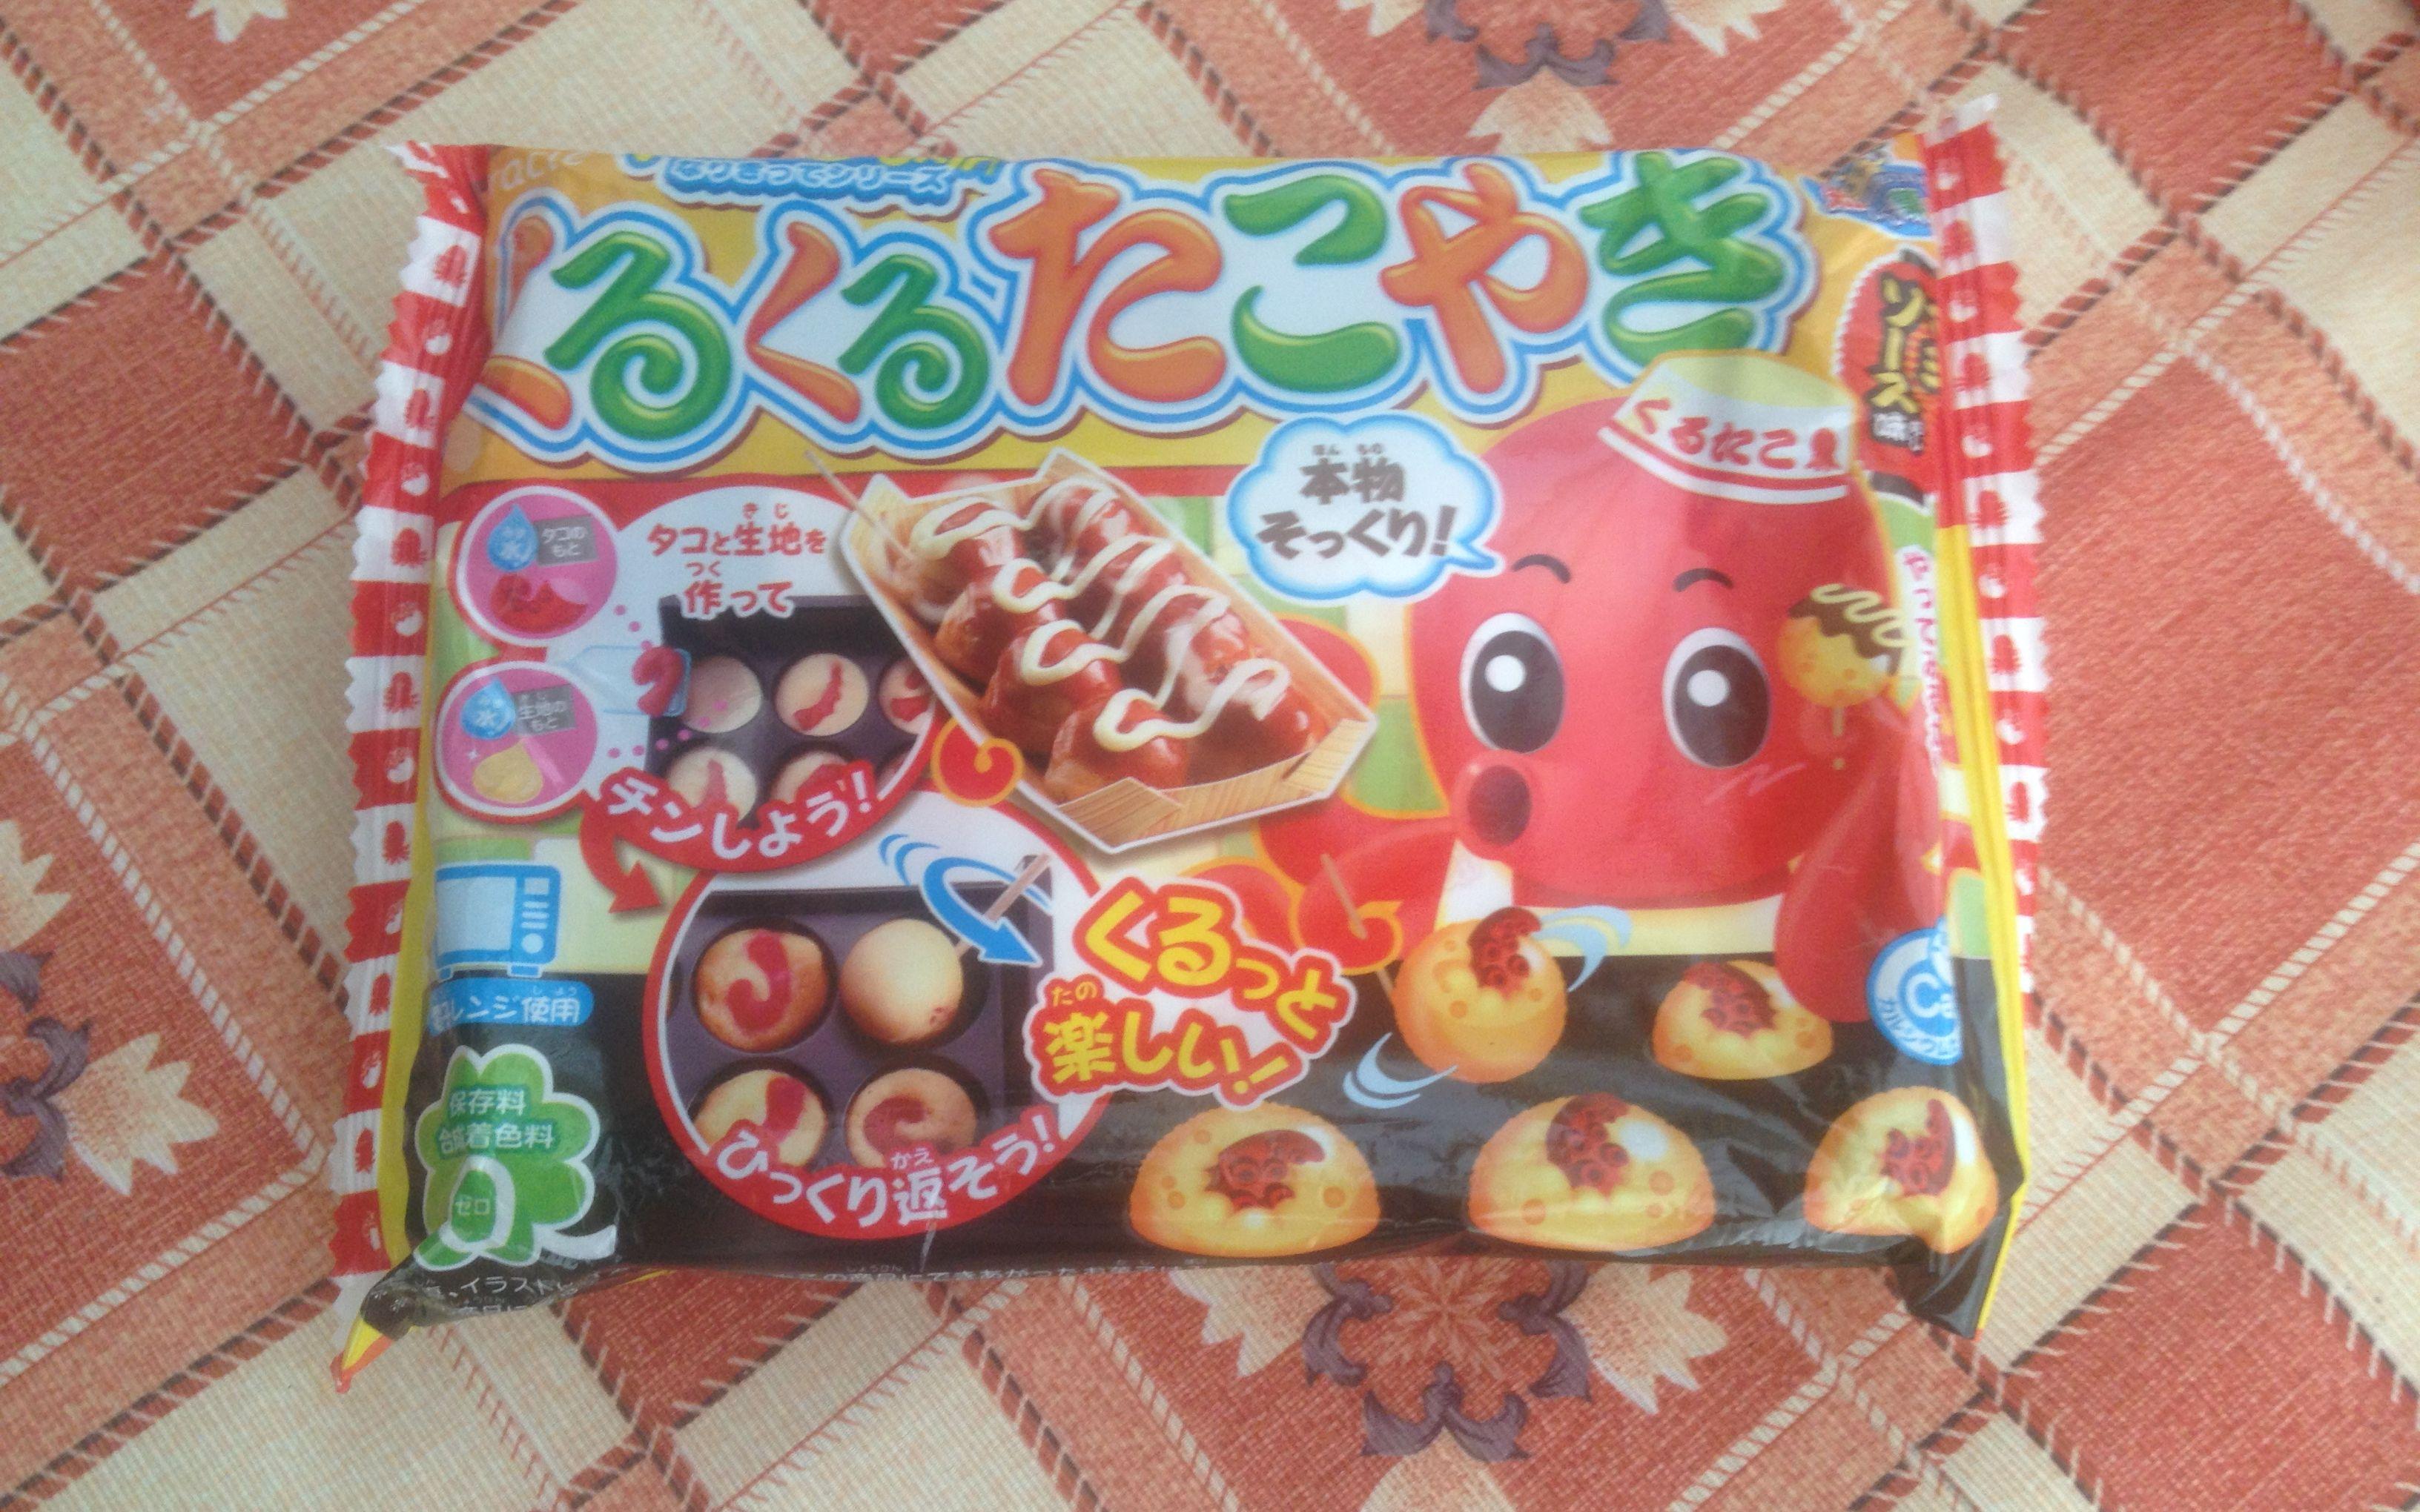 日本食玩_日本食玩之章鱼烧65_美食圈_生活_bilibili_哔哩哔哩